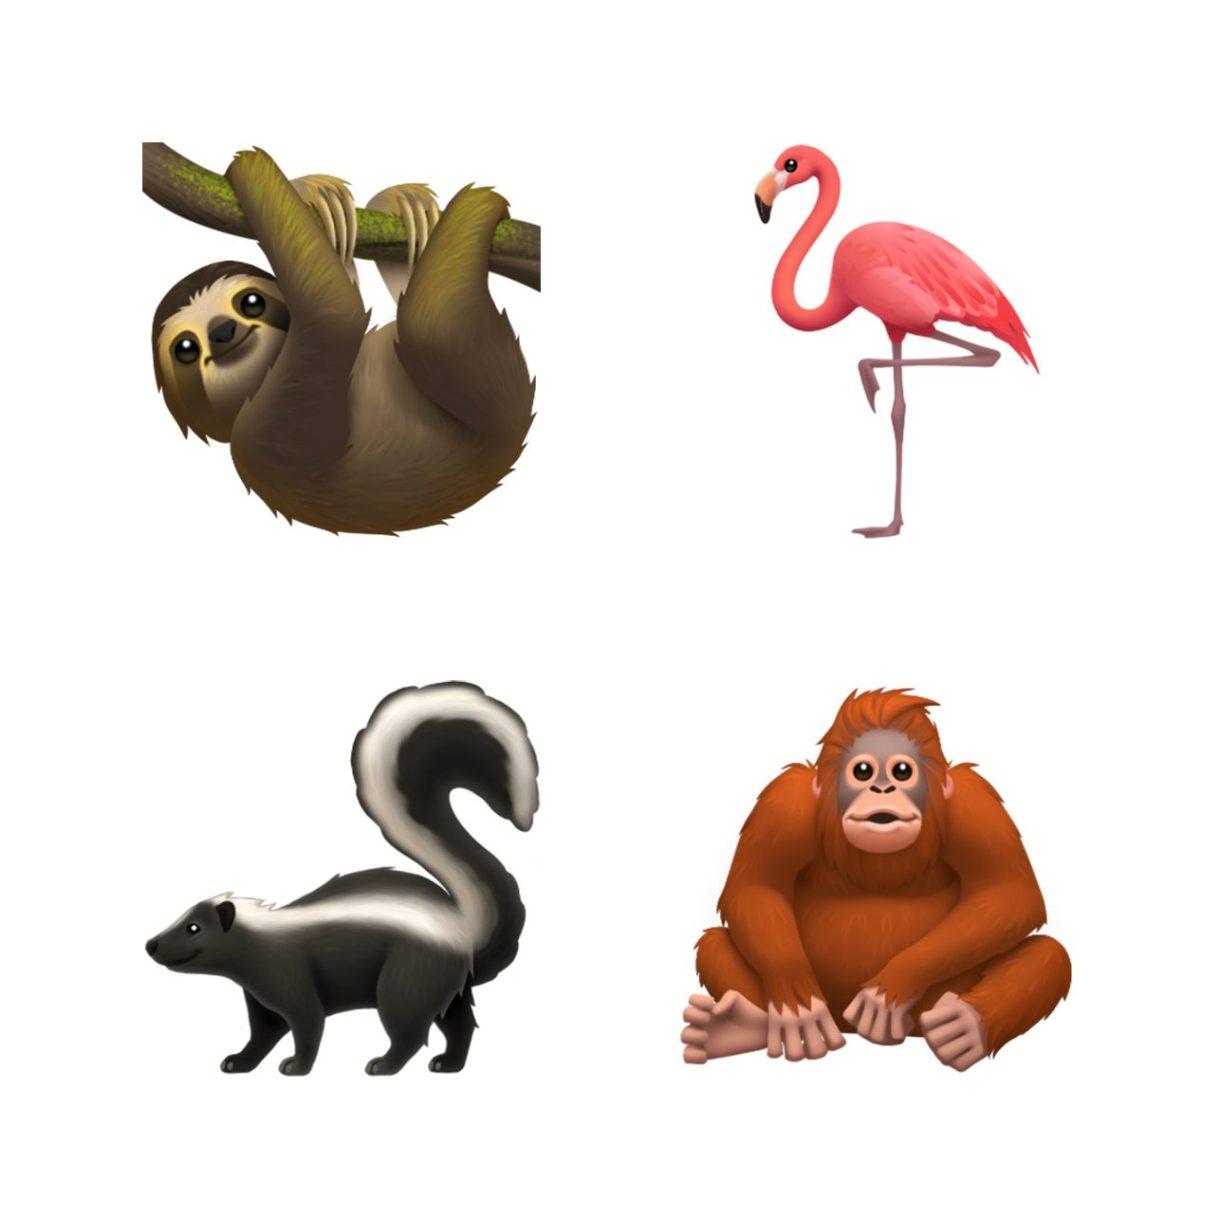 4 - شركة آبل تكشف عن عشرات الرموز التعبيرية الجديدة القادمة إلى iOS وmacOS هذا الخريف